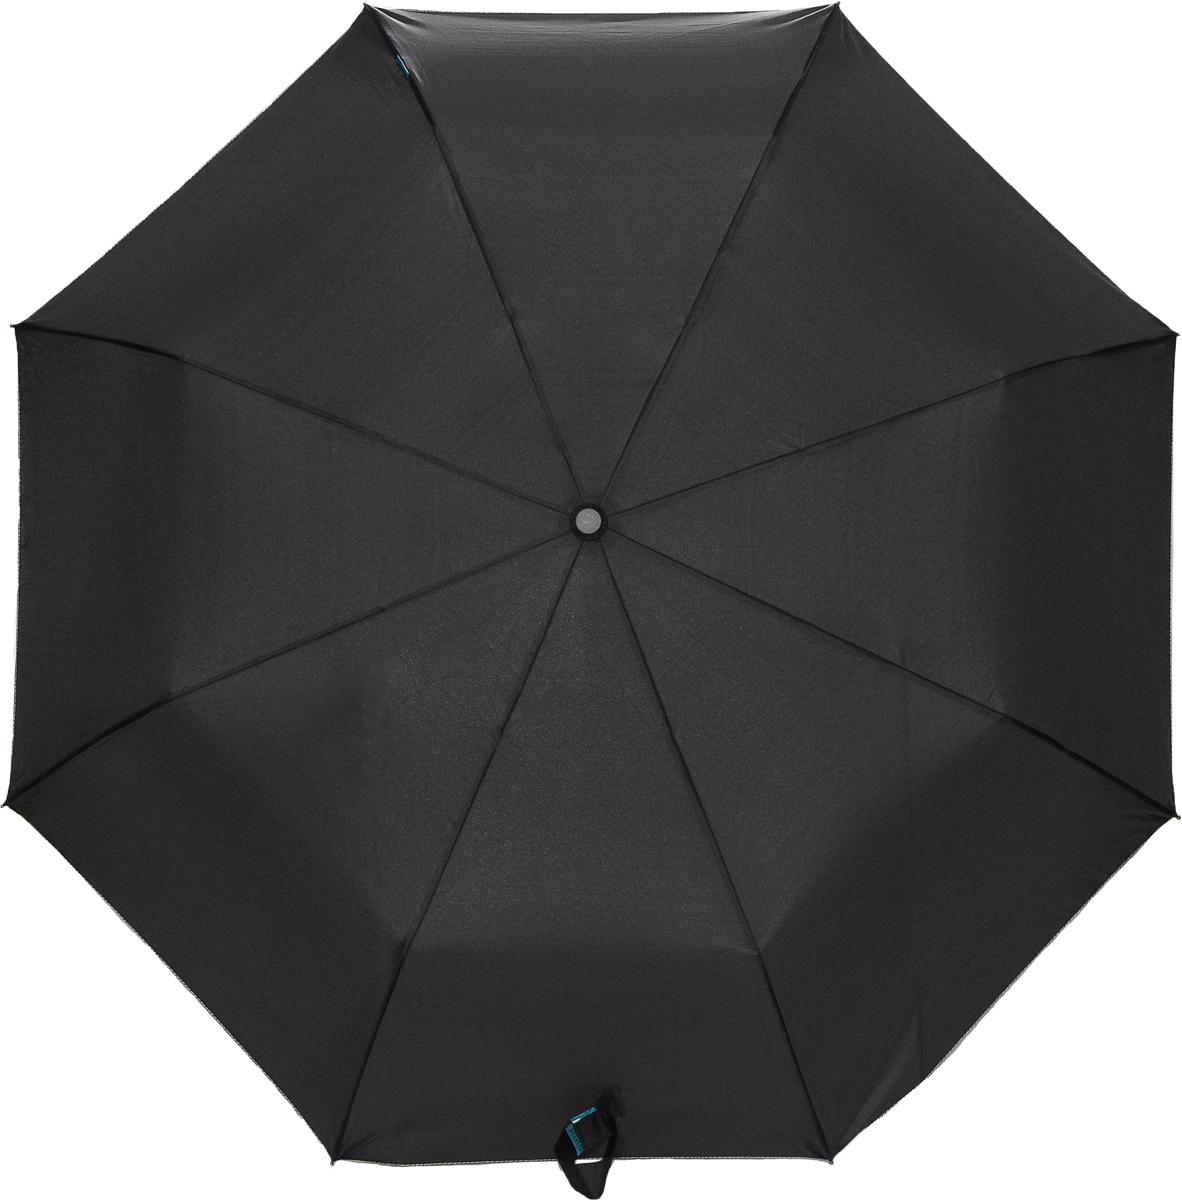 Bisetti 3212-2 Зонт полный автом. 3 сл. муж.REM12-CAM-REDBLACKЗонт испанского производителя Clima. В производстве зонтов используются современные материалы, что делает зонты легкими, но в то же время крепкими.Полный автомат, 3 сложения, 8 спиц по 55см, полиэстер.